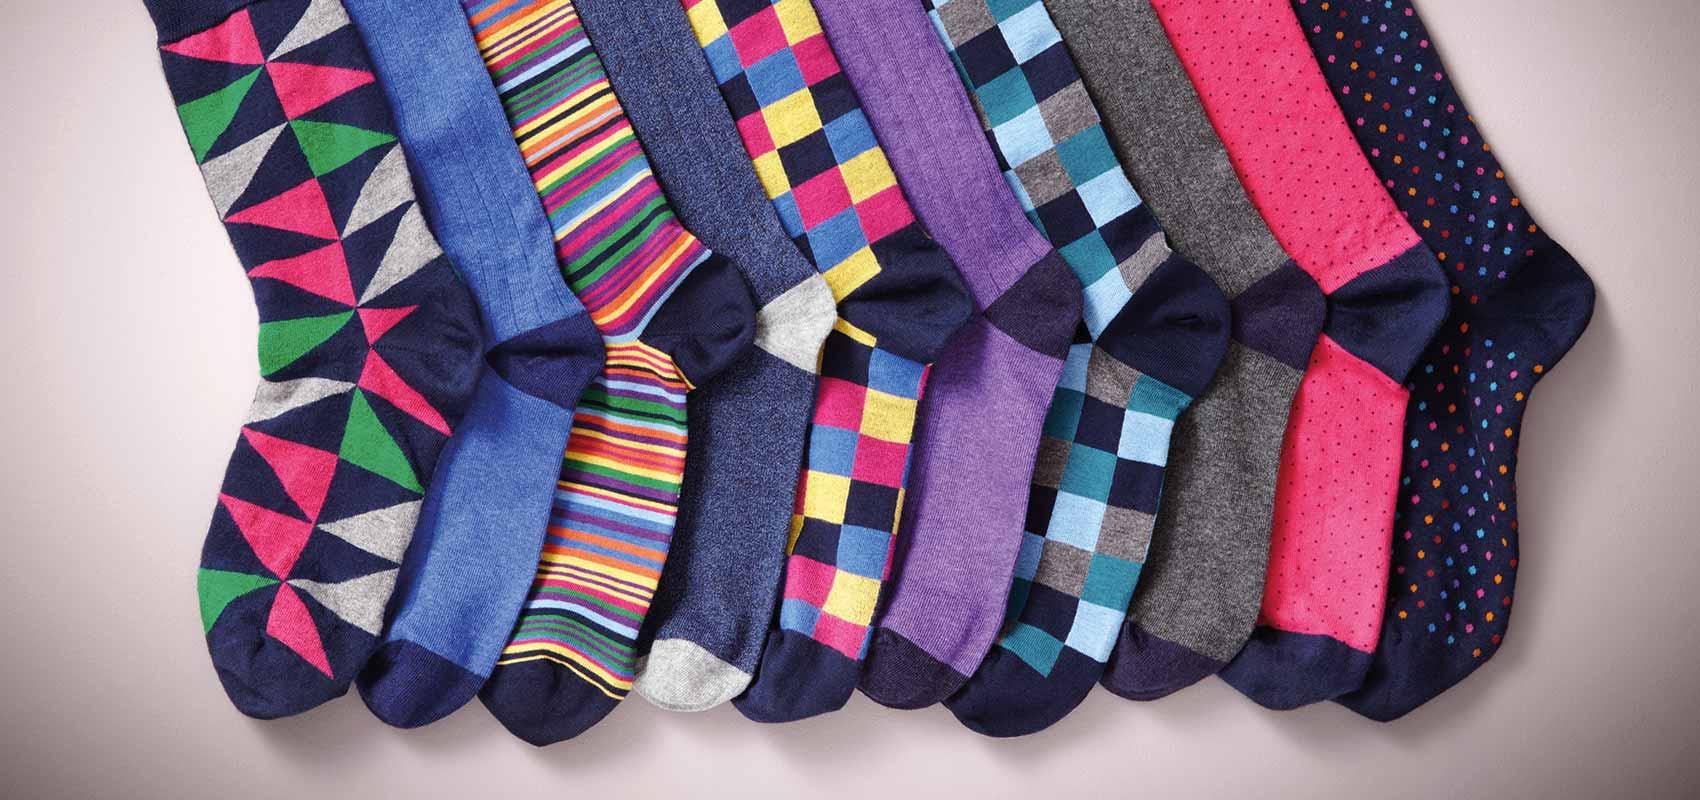 Charles Tyrwhitt Remise pour plusieurs paires de chaussettes achetées